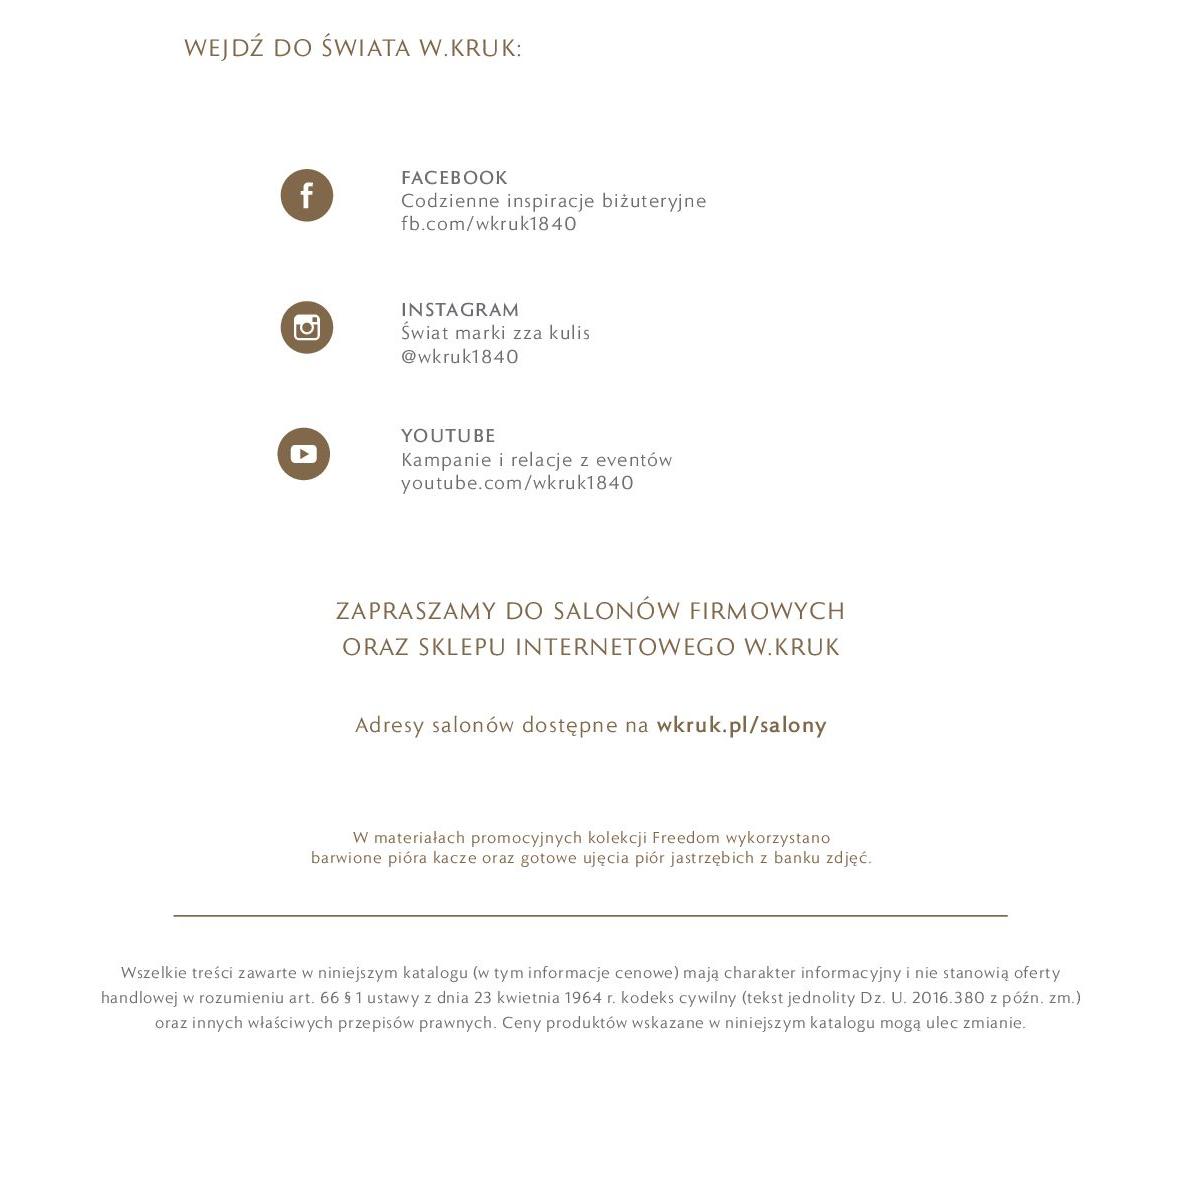 Gazetka W. KRUK: Katalog - Kolekcja Freedom 2021-02-17 page-45